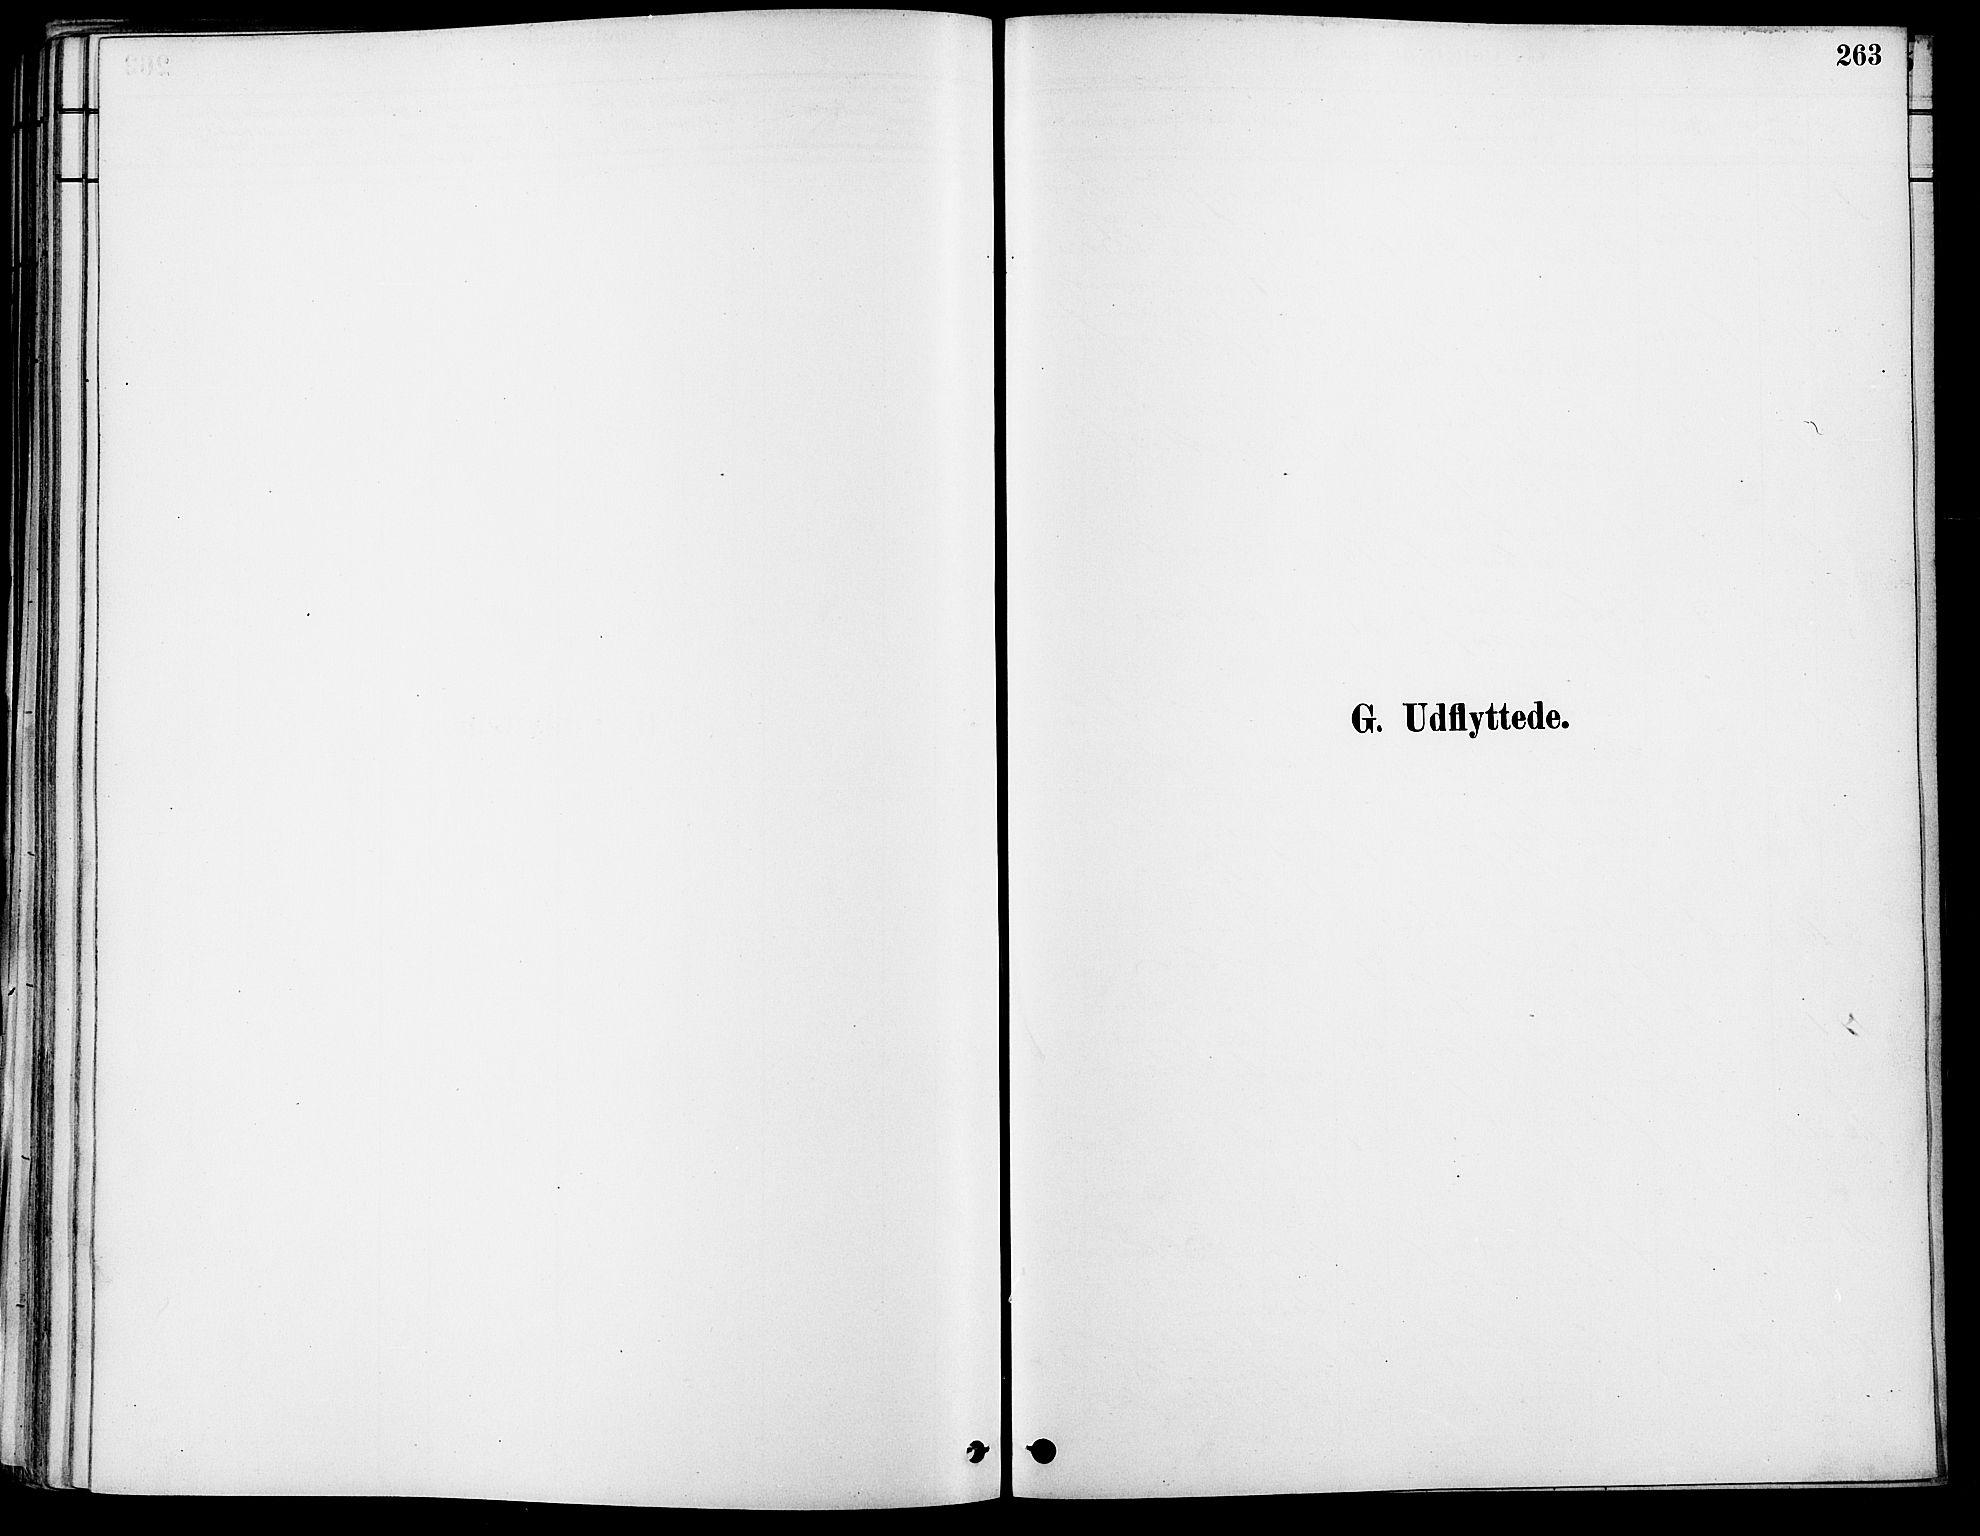 SAO, Gamle Aker prestekontor Kirkebøker, F/L0007: Ministerialbok nr. 7, 1882-1890, s. 263